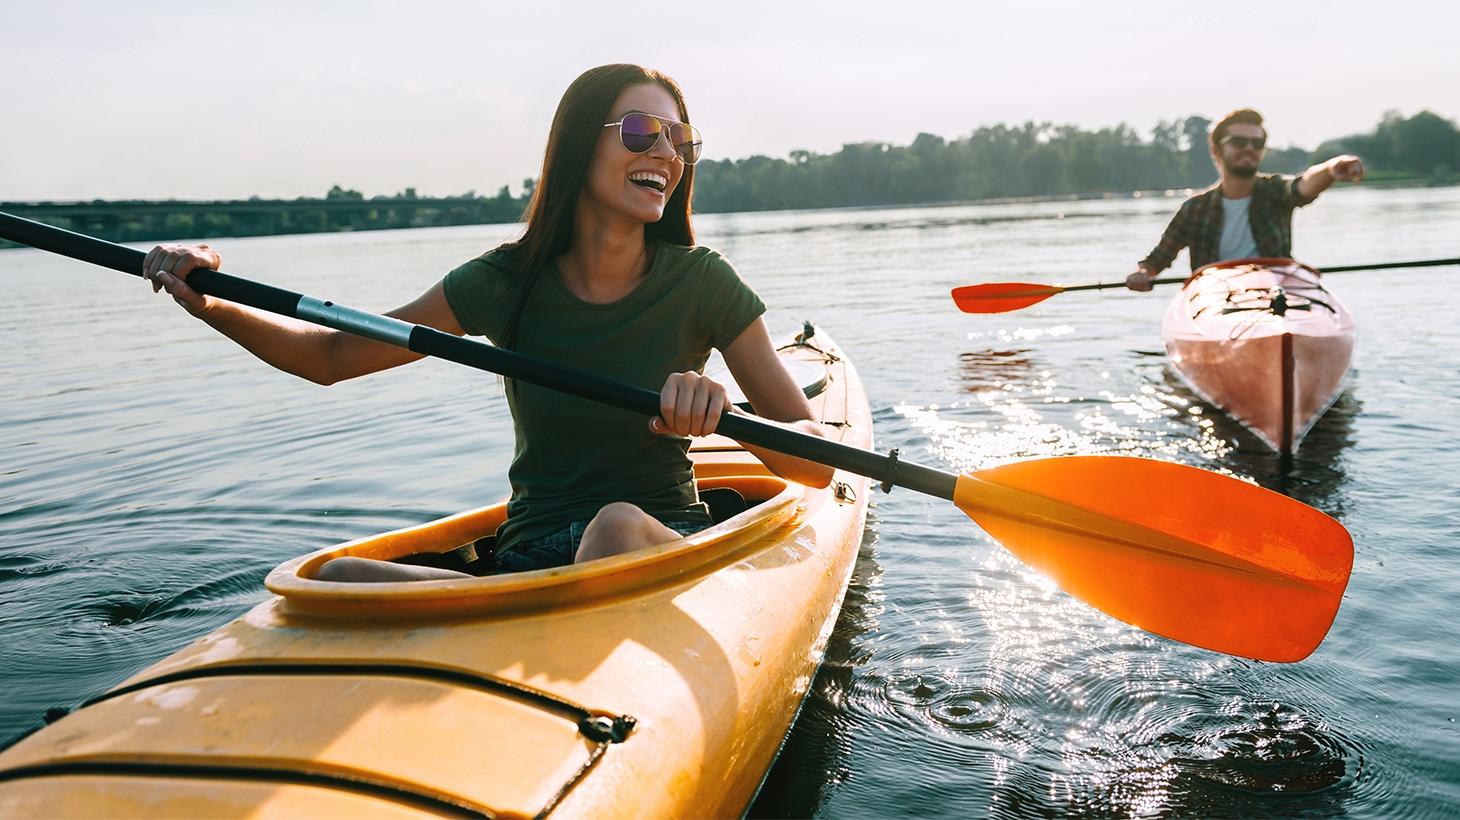 Closeup of woman smiling while kayaking